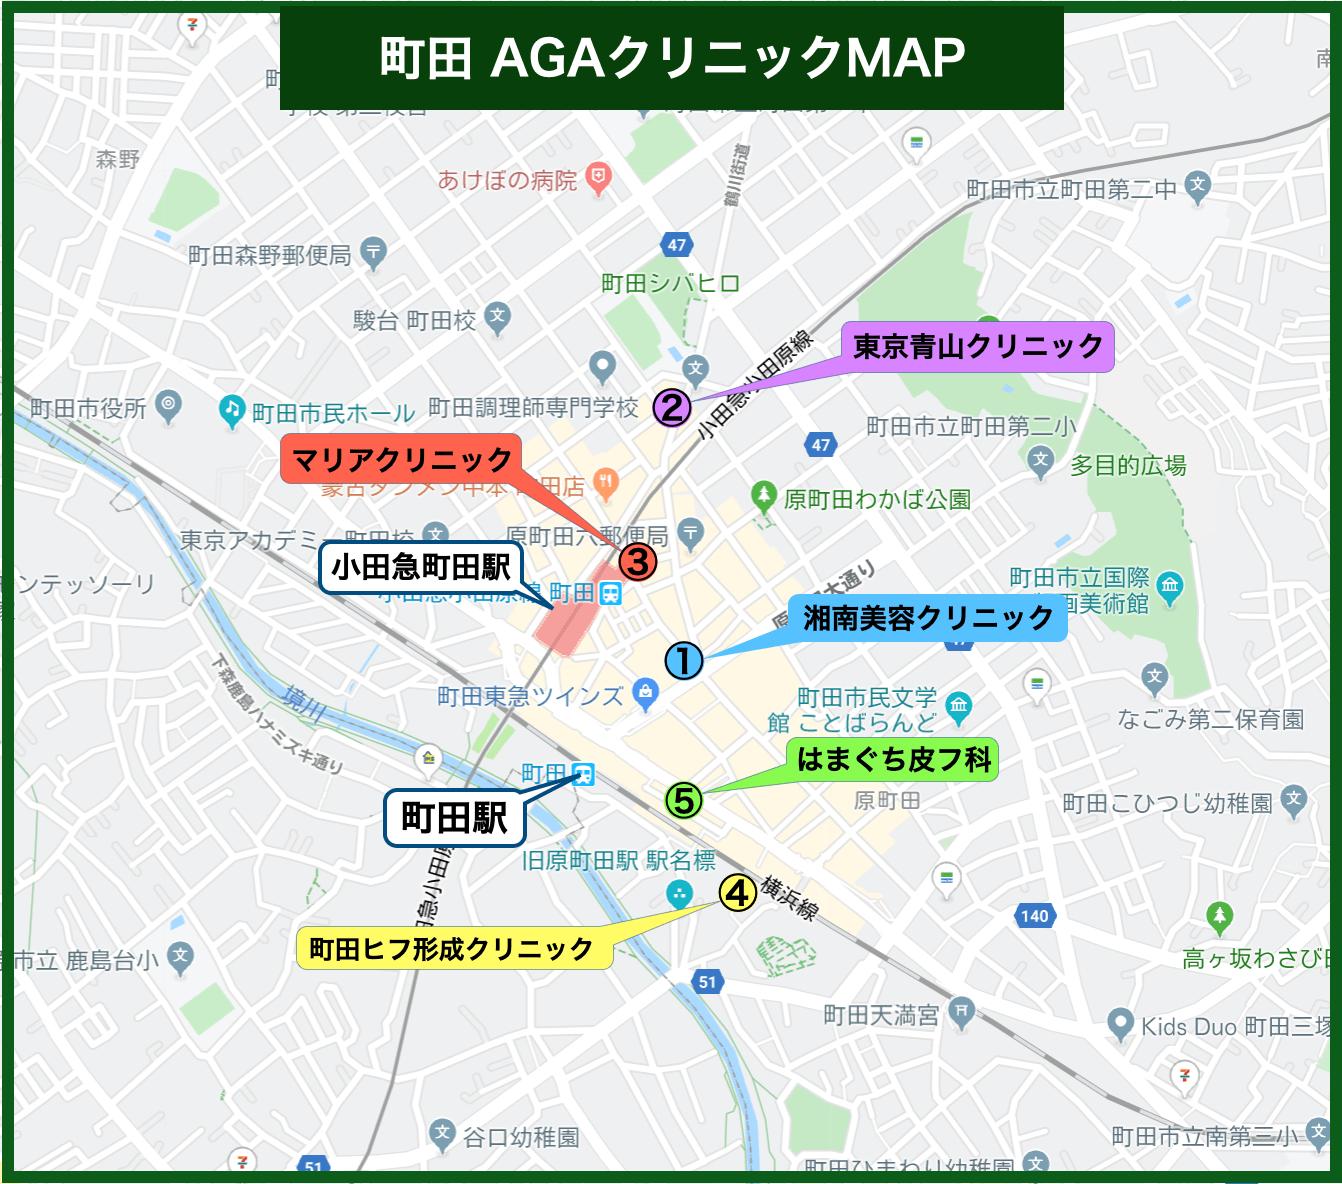 町田 AGAクリニックMAP